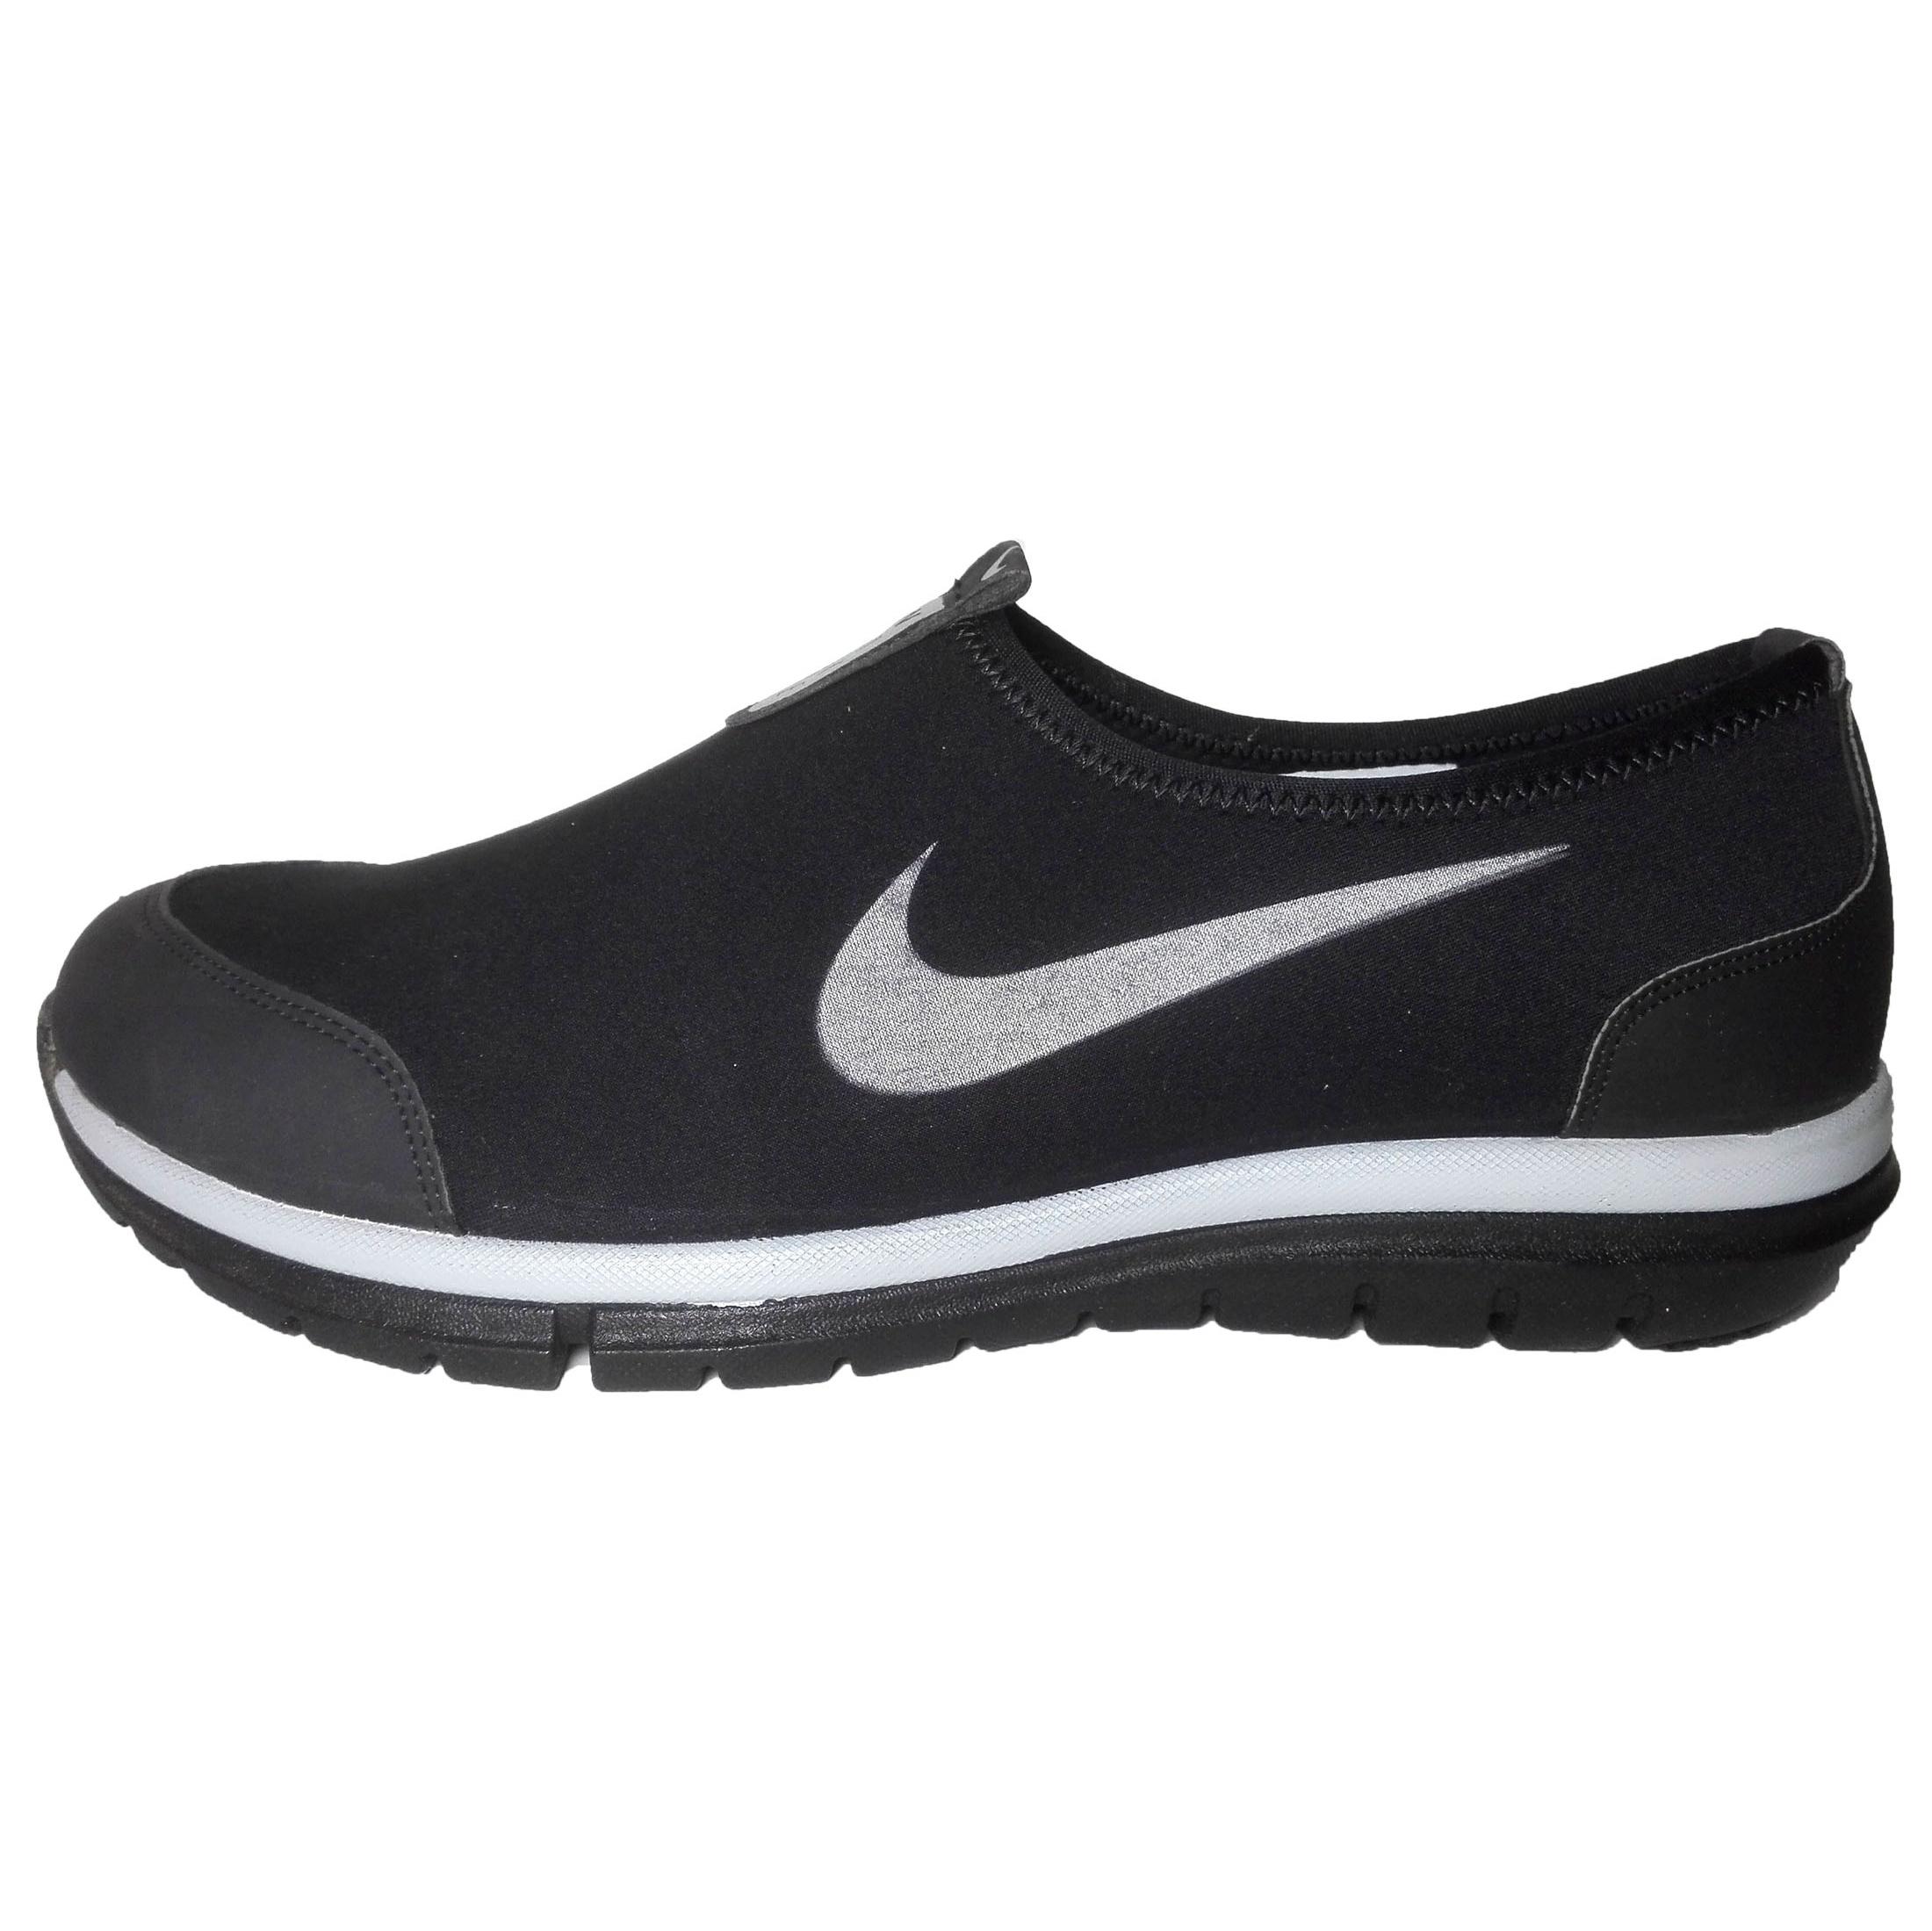 کفش مردانه کد 1025